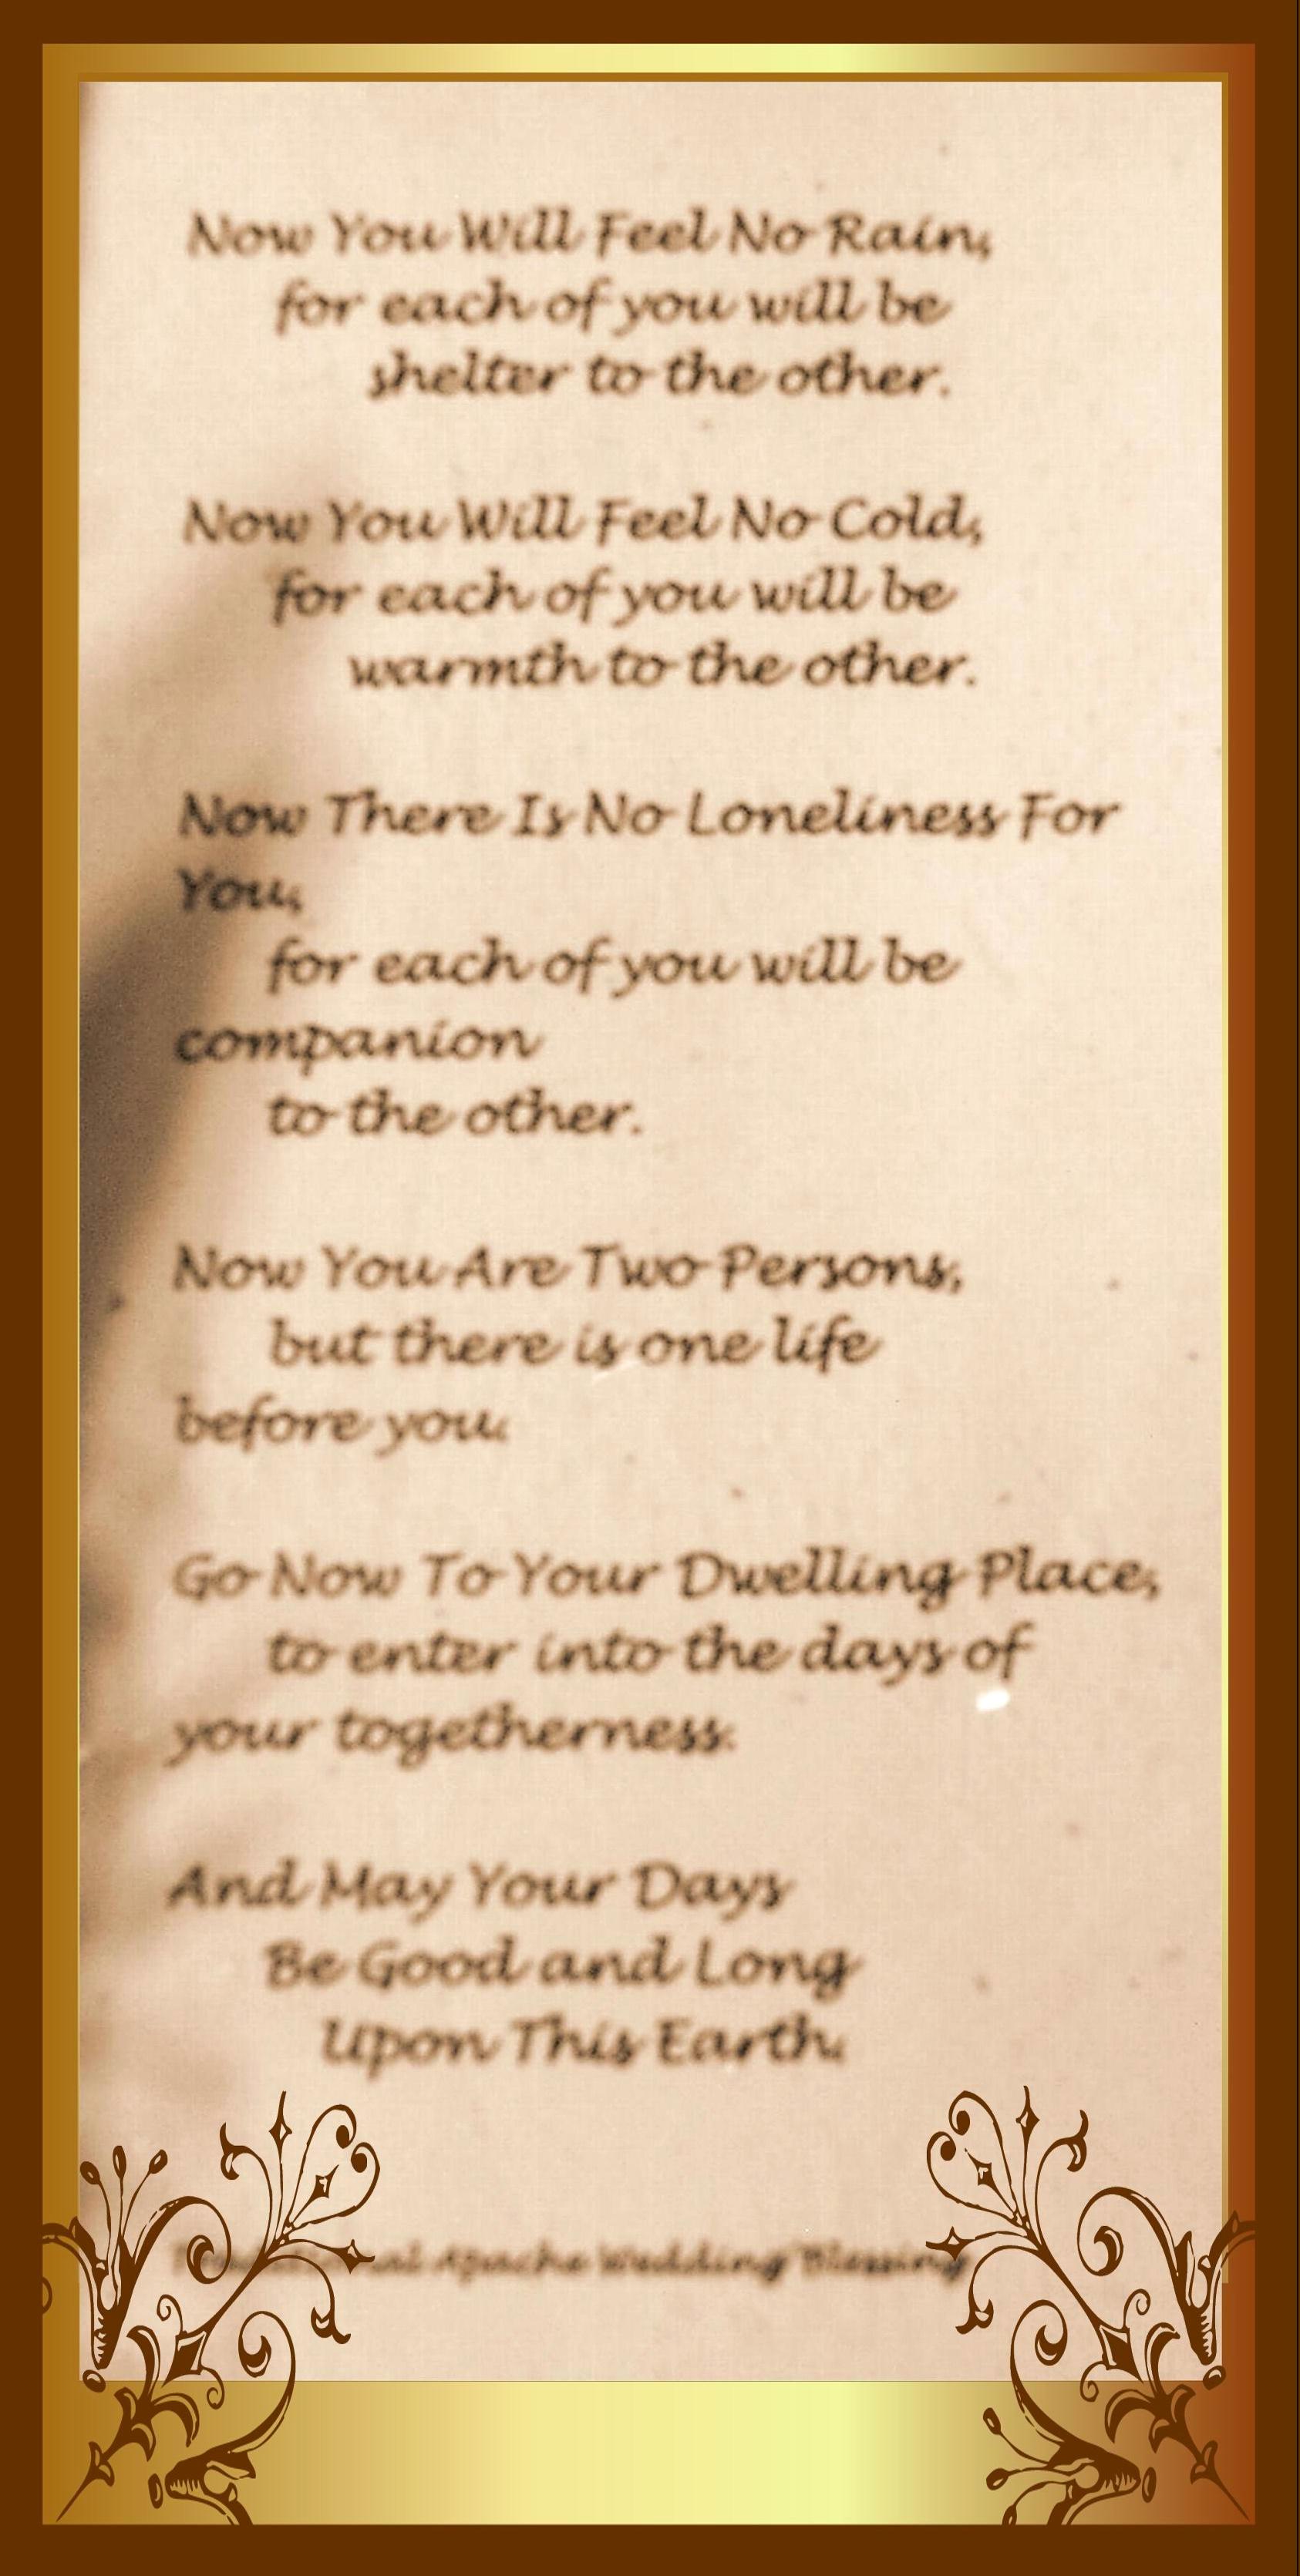 72 Blessings For Weddings